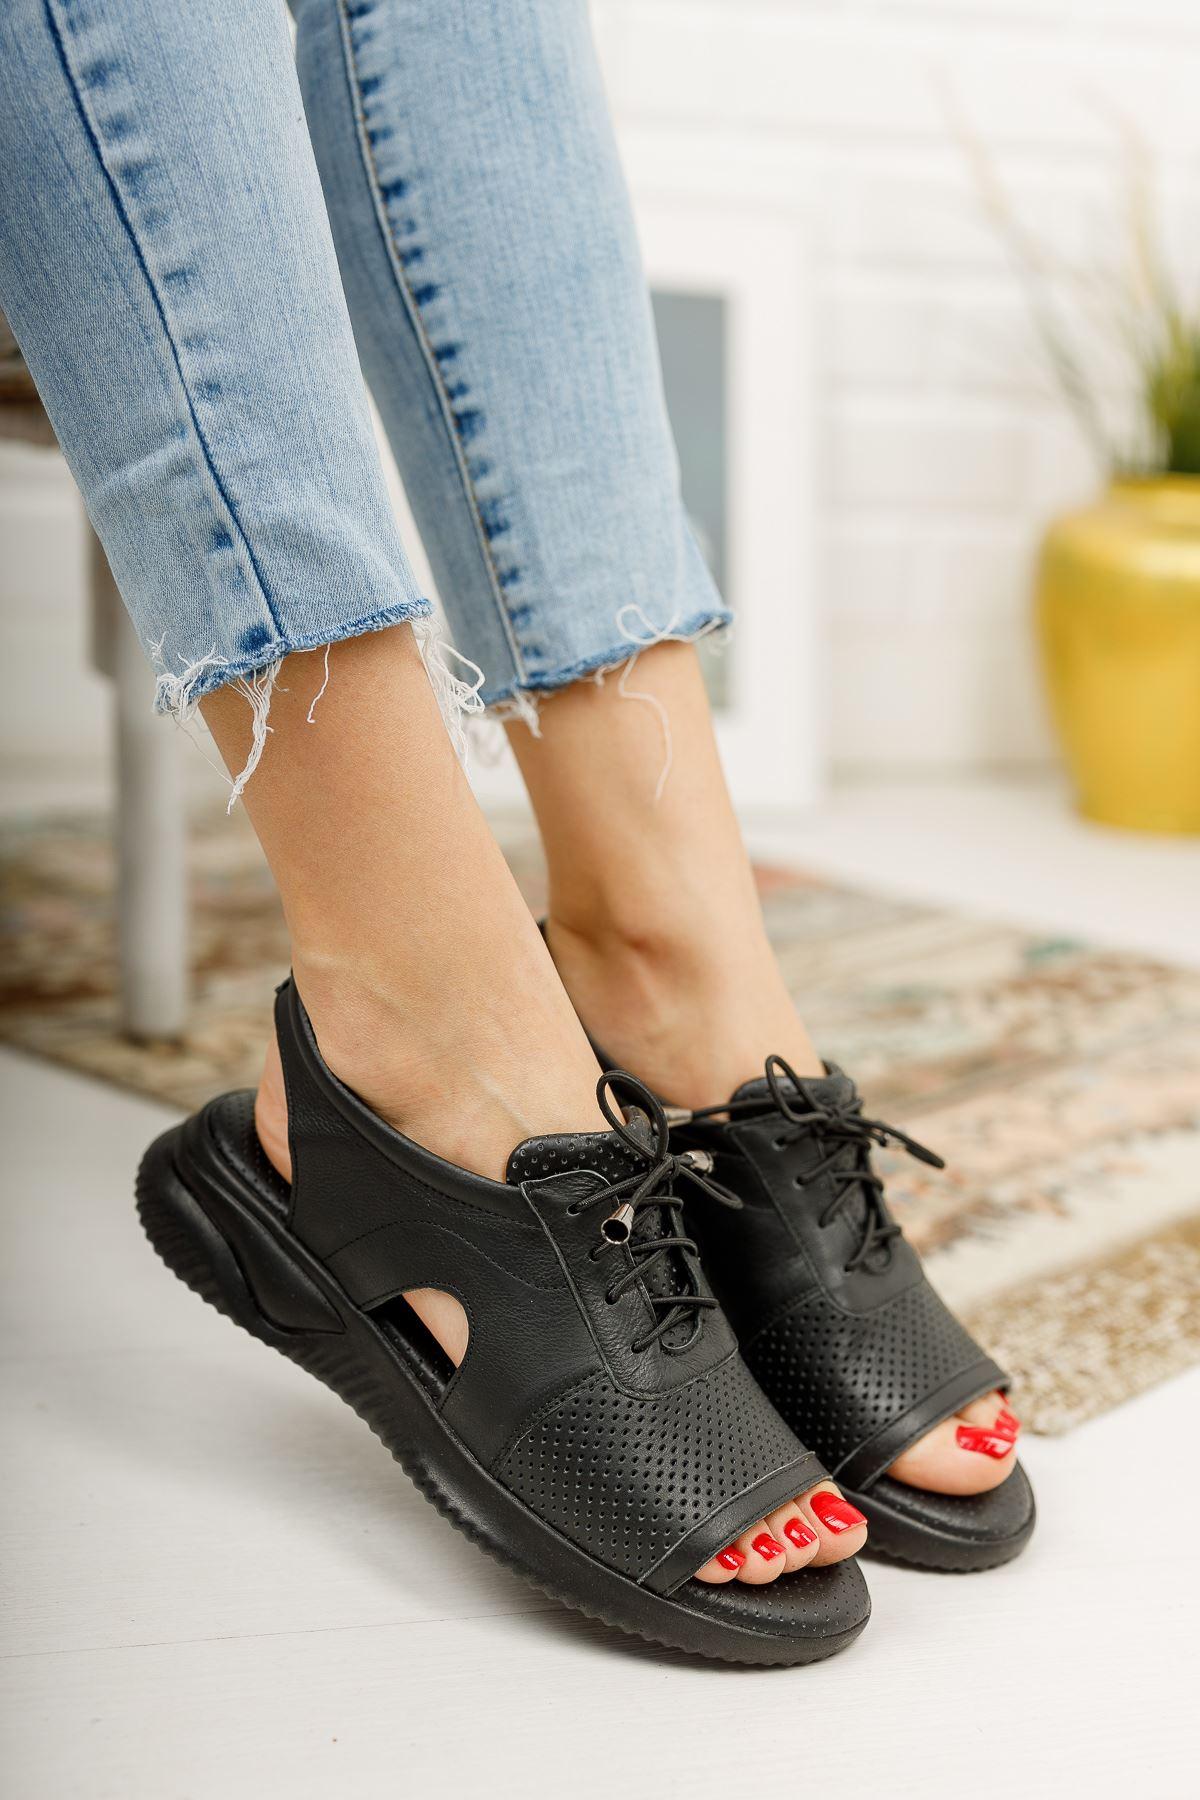 Awrel Hakiki Deri Siyah Bağcıklı Ortapedik Taban Bayan  Spor Sandalet